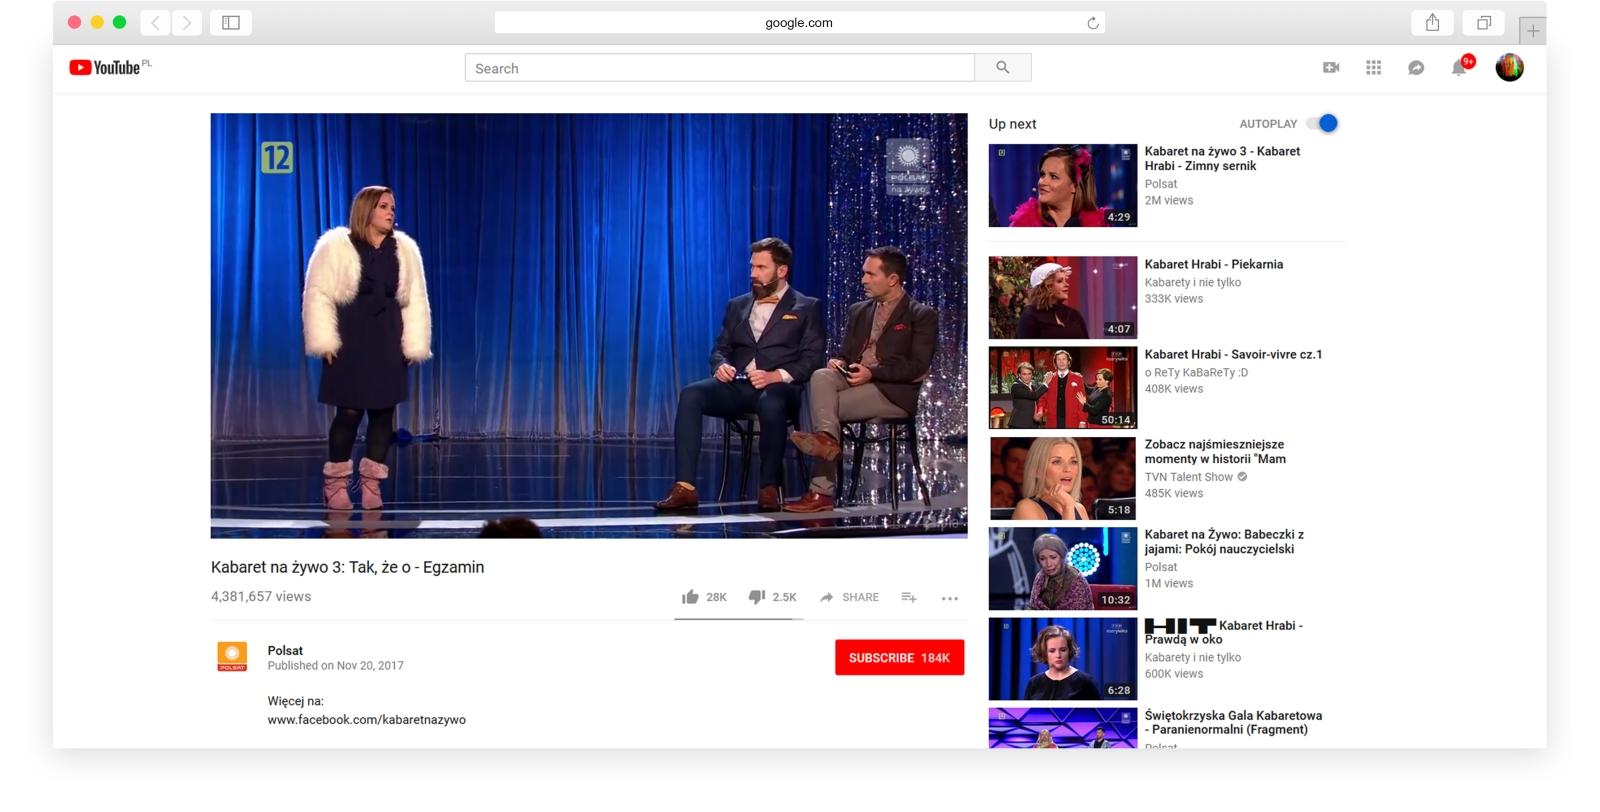 Polsat's YouTube channel